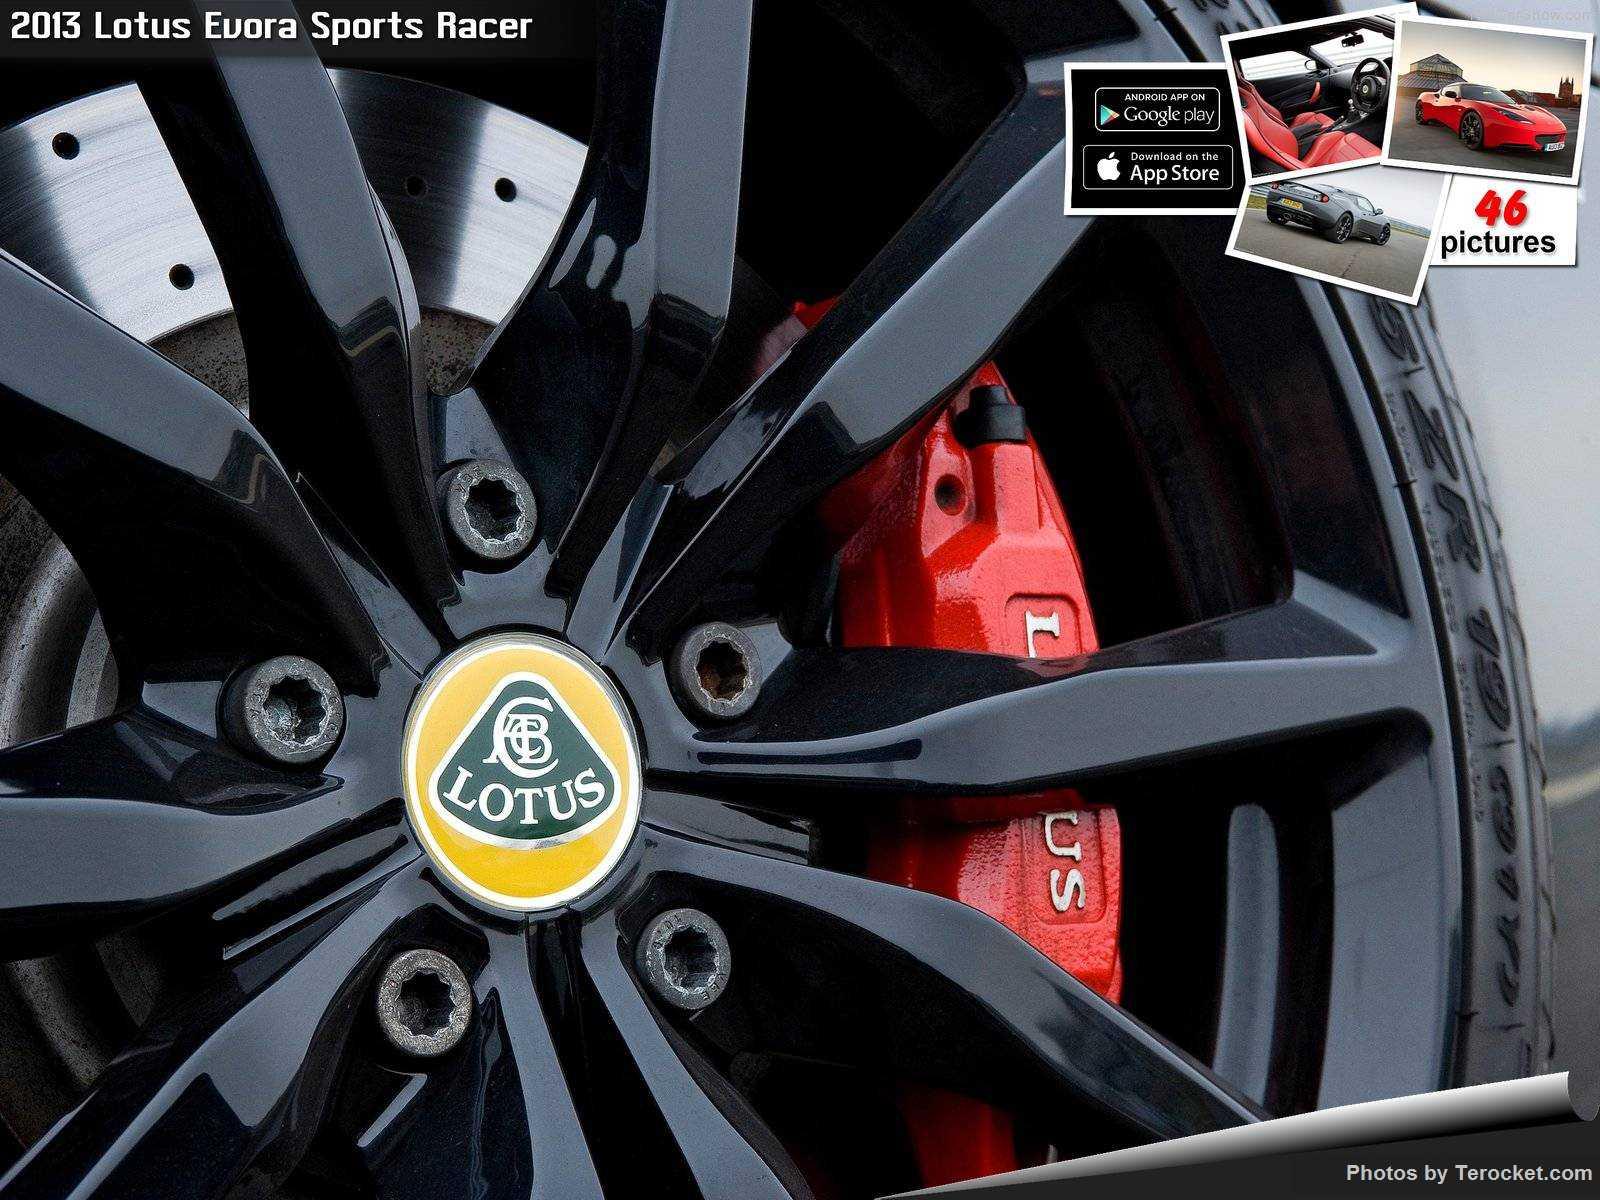 Hình ảnh siêu xe Lotus Evora Sports Racer 2013 & nội ngoại thất